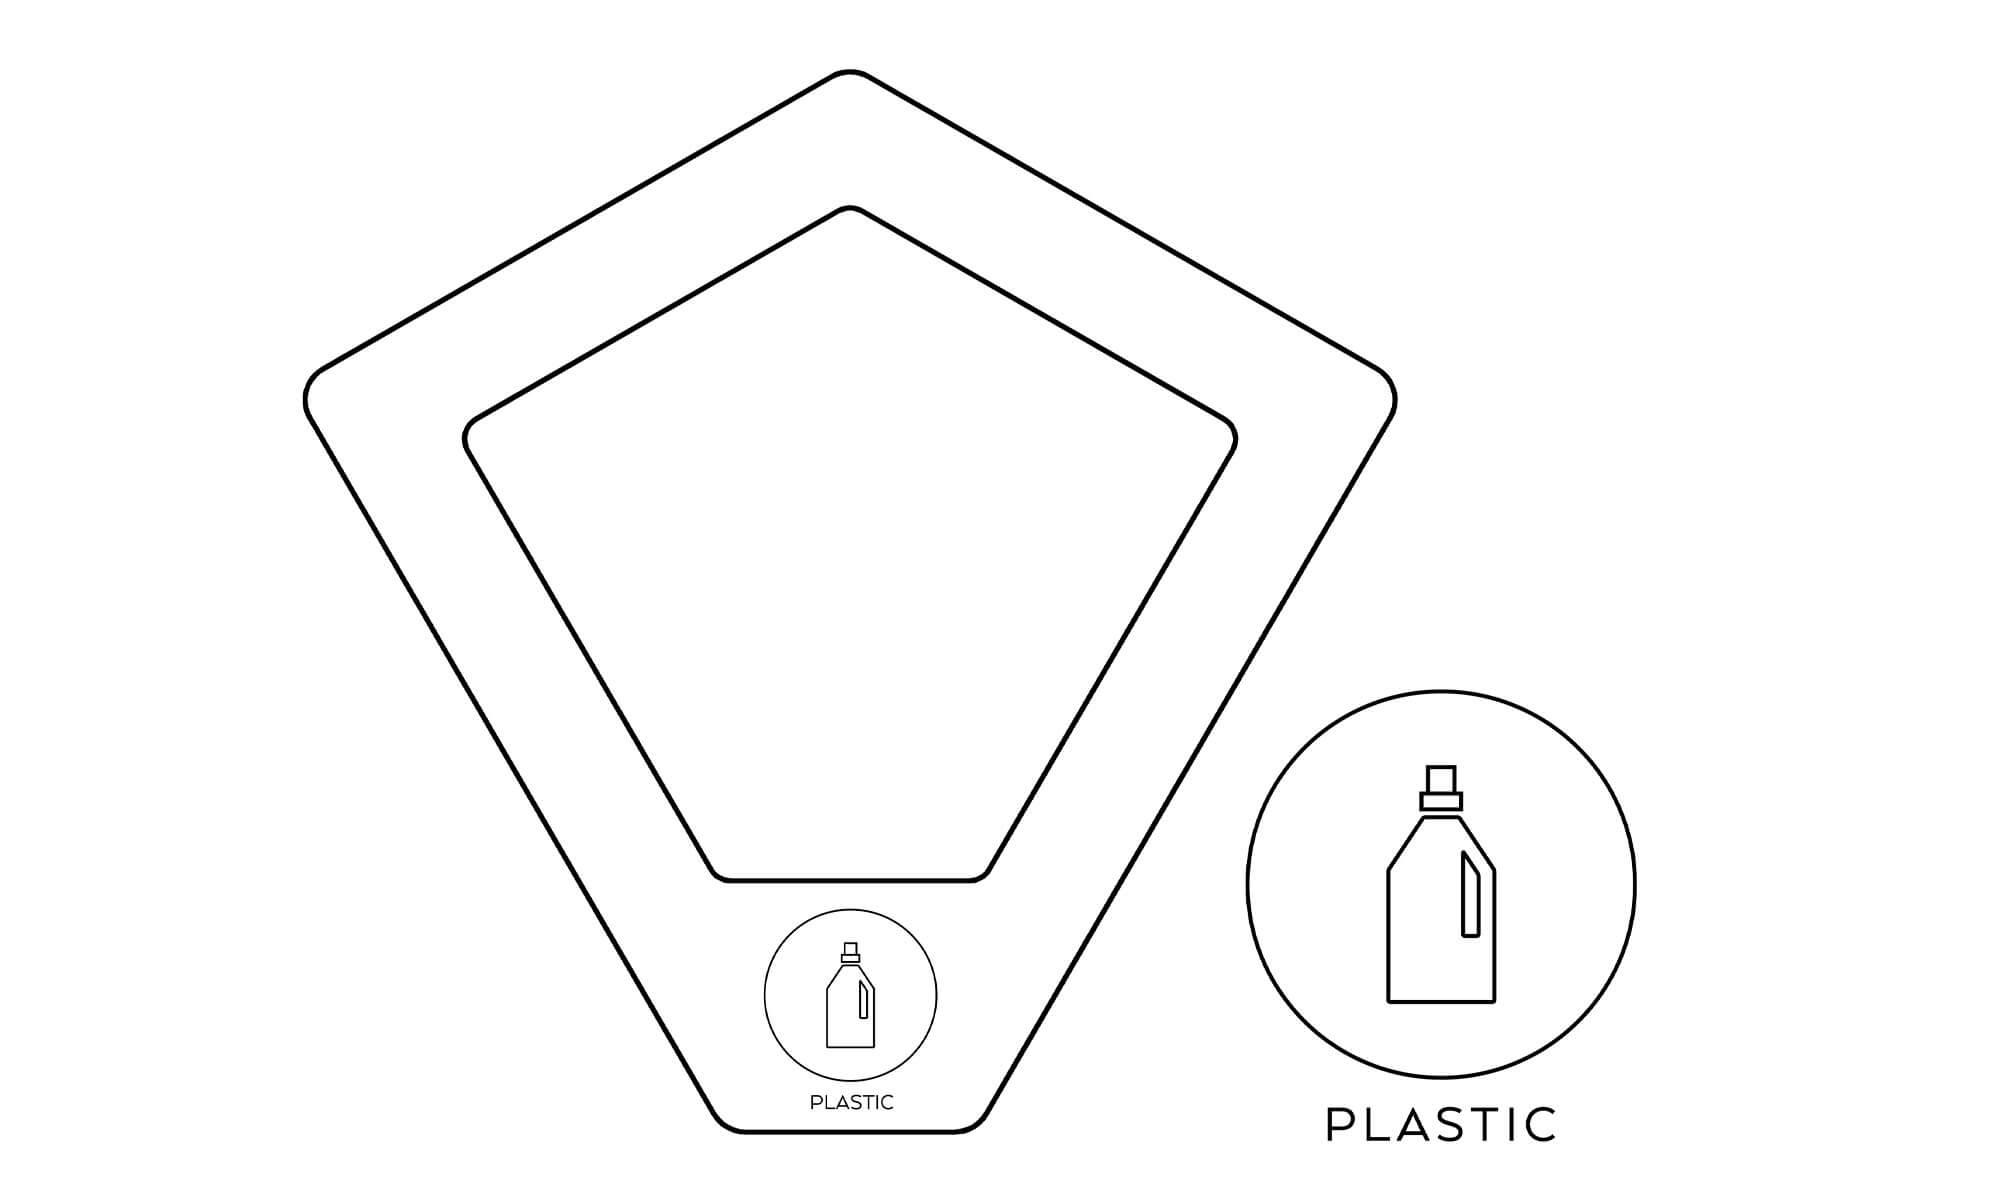 källsortering plast kite recycling plastic